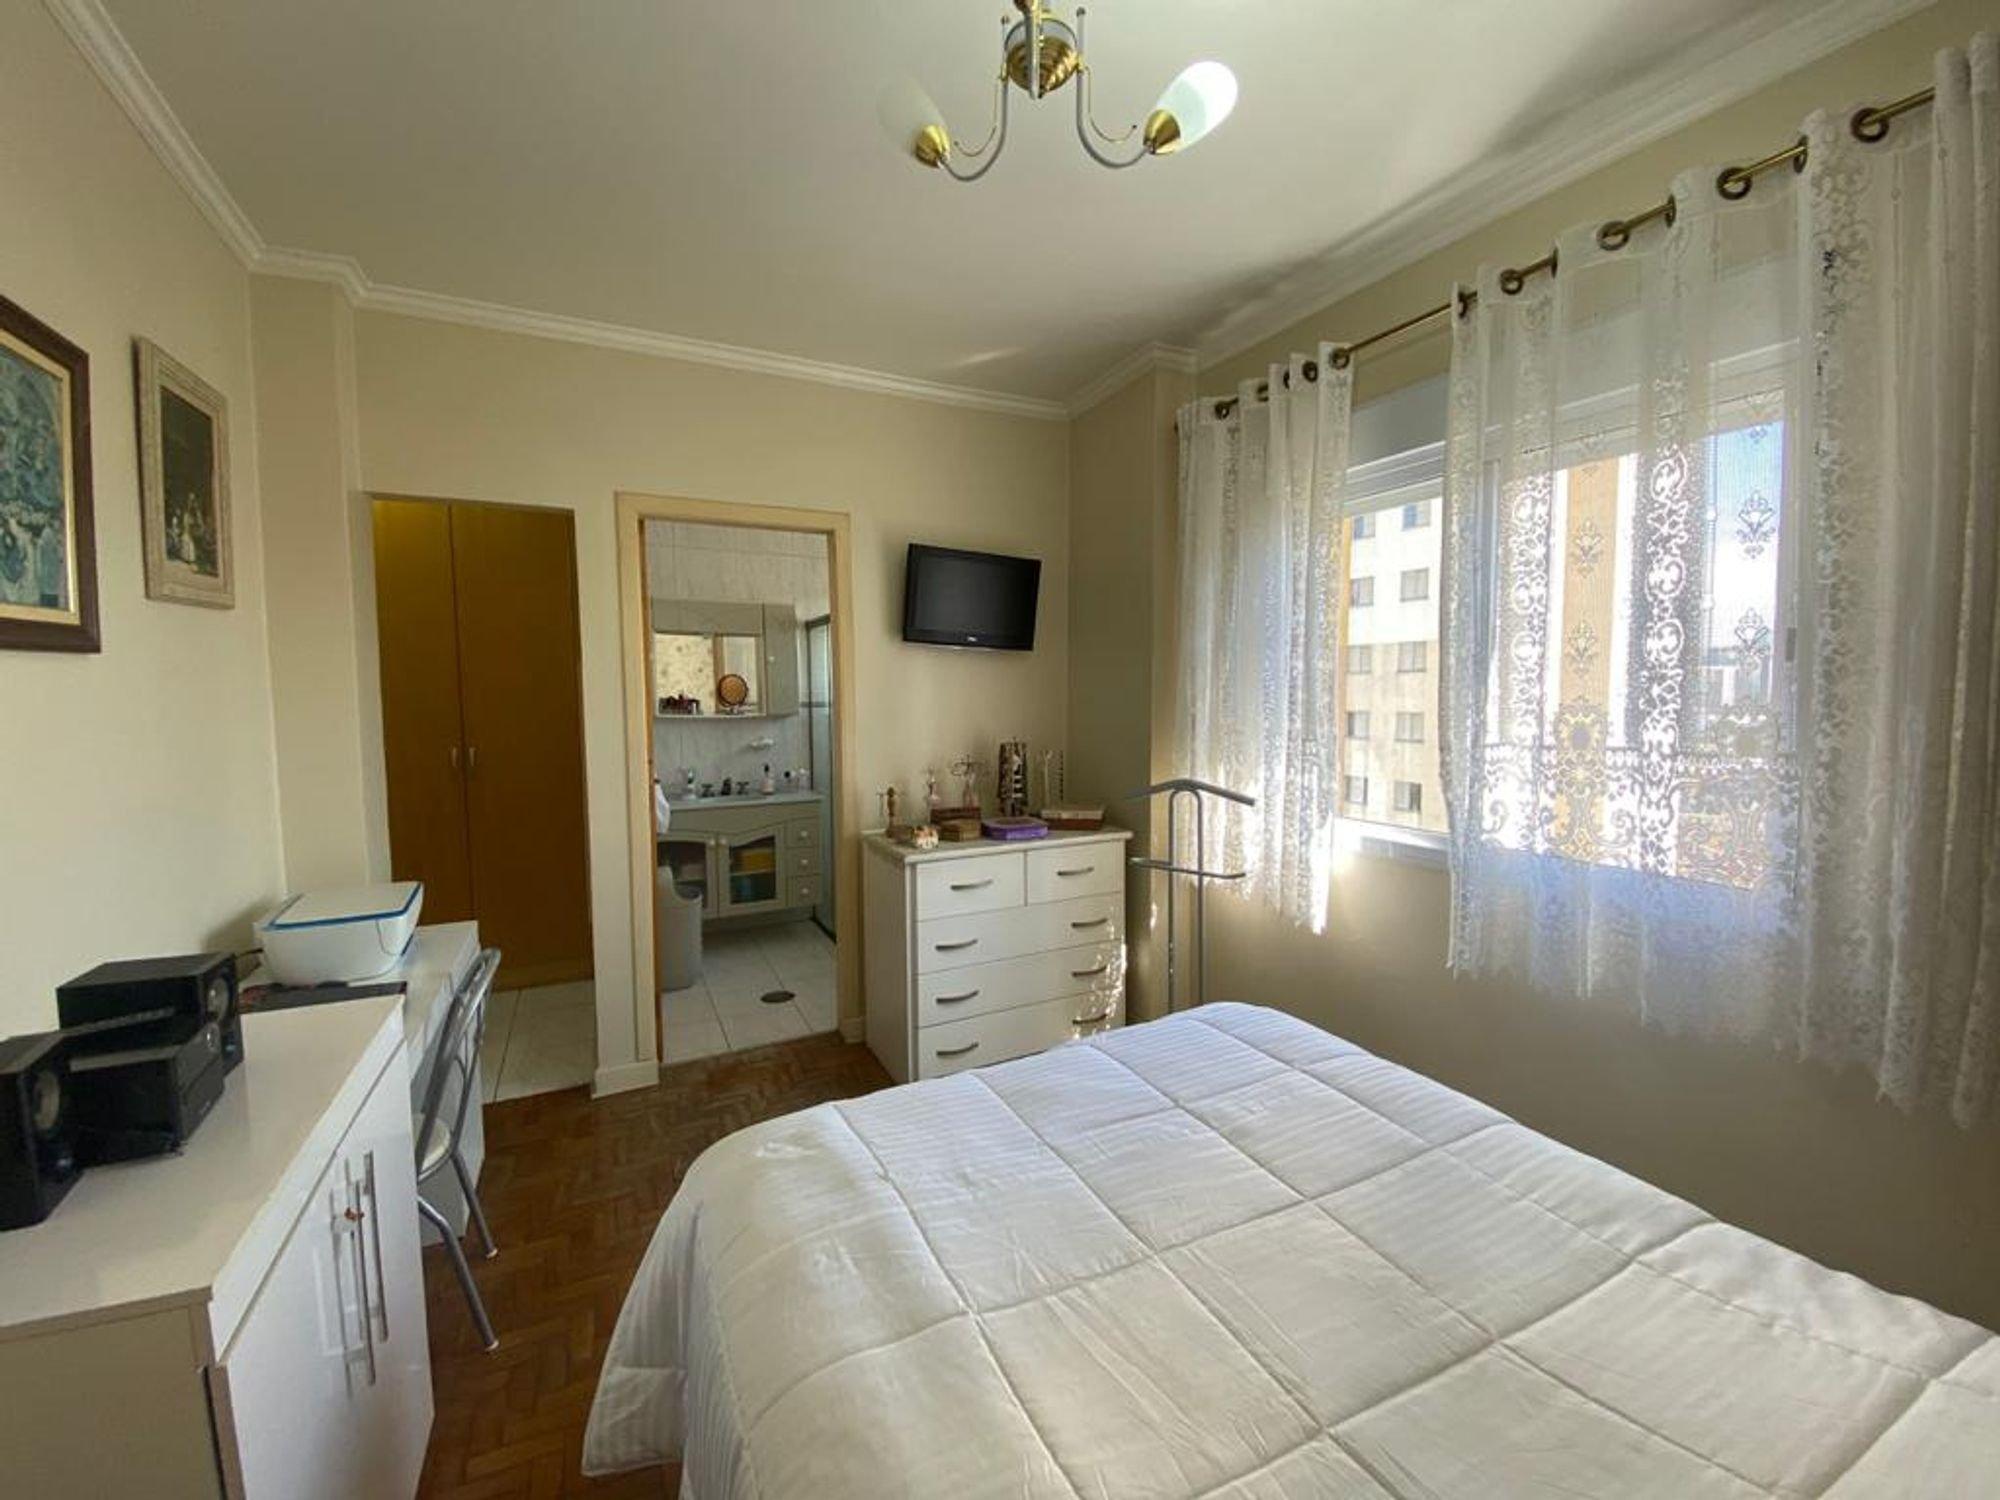 Foto de Quarto com cama, tigela, televisão